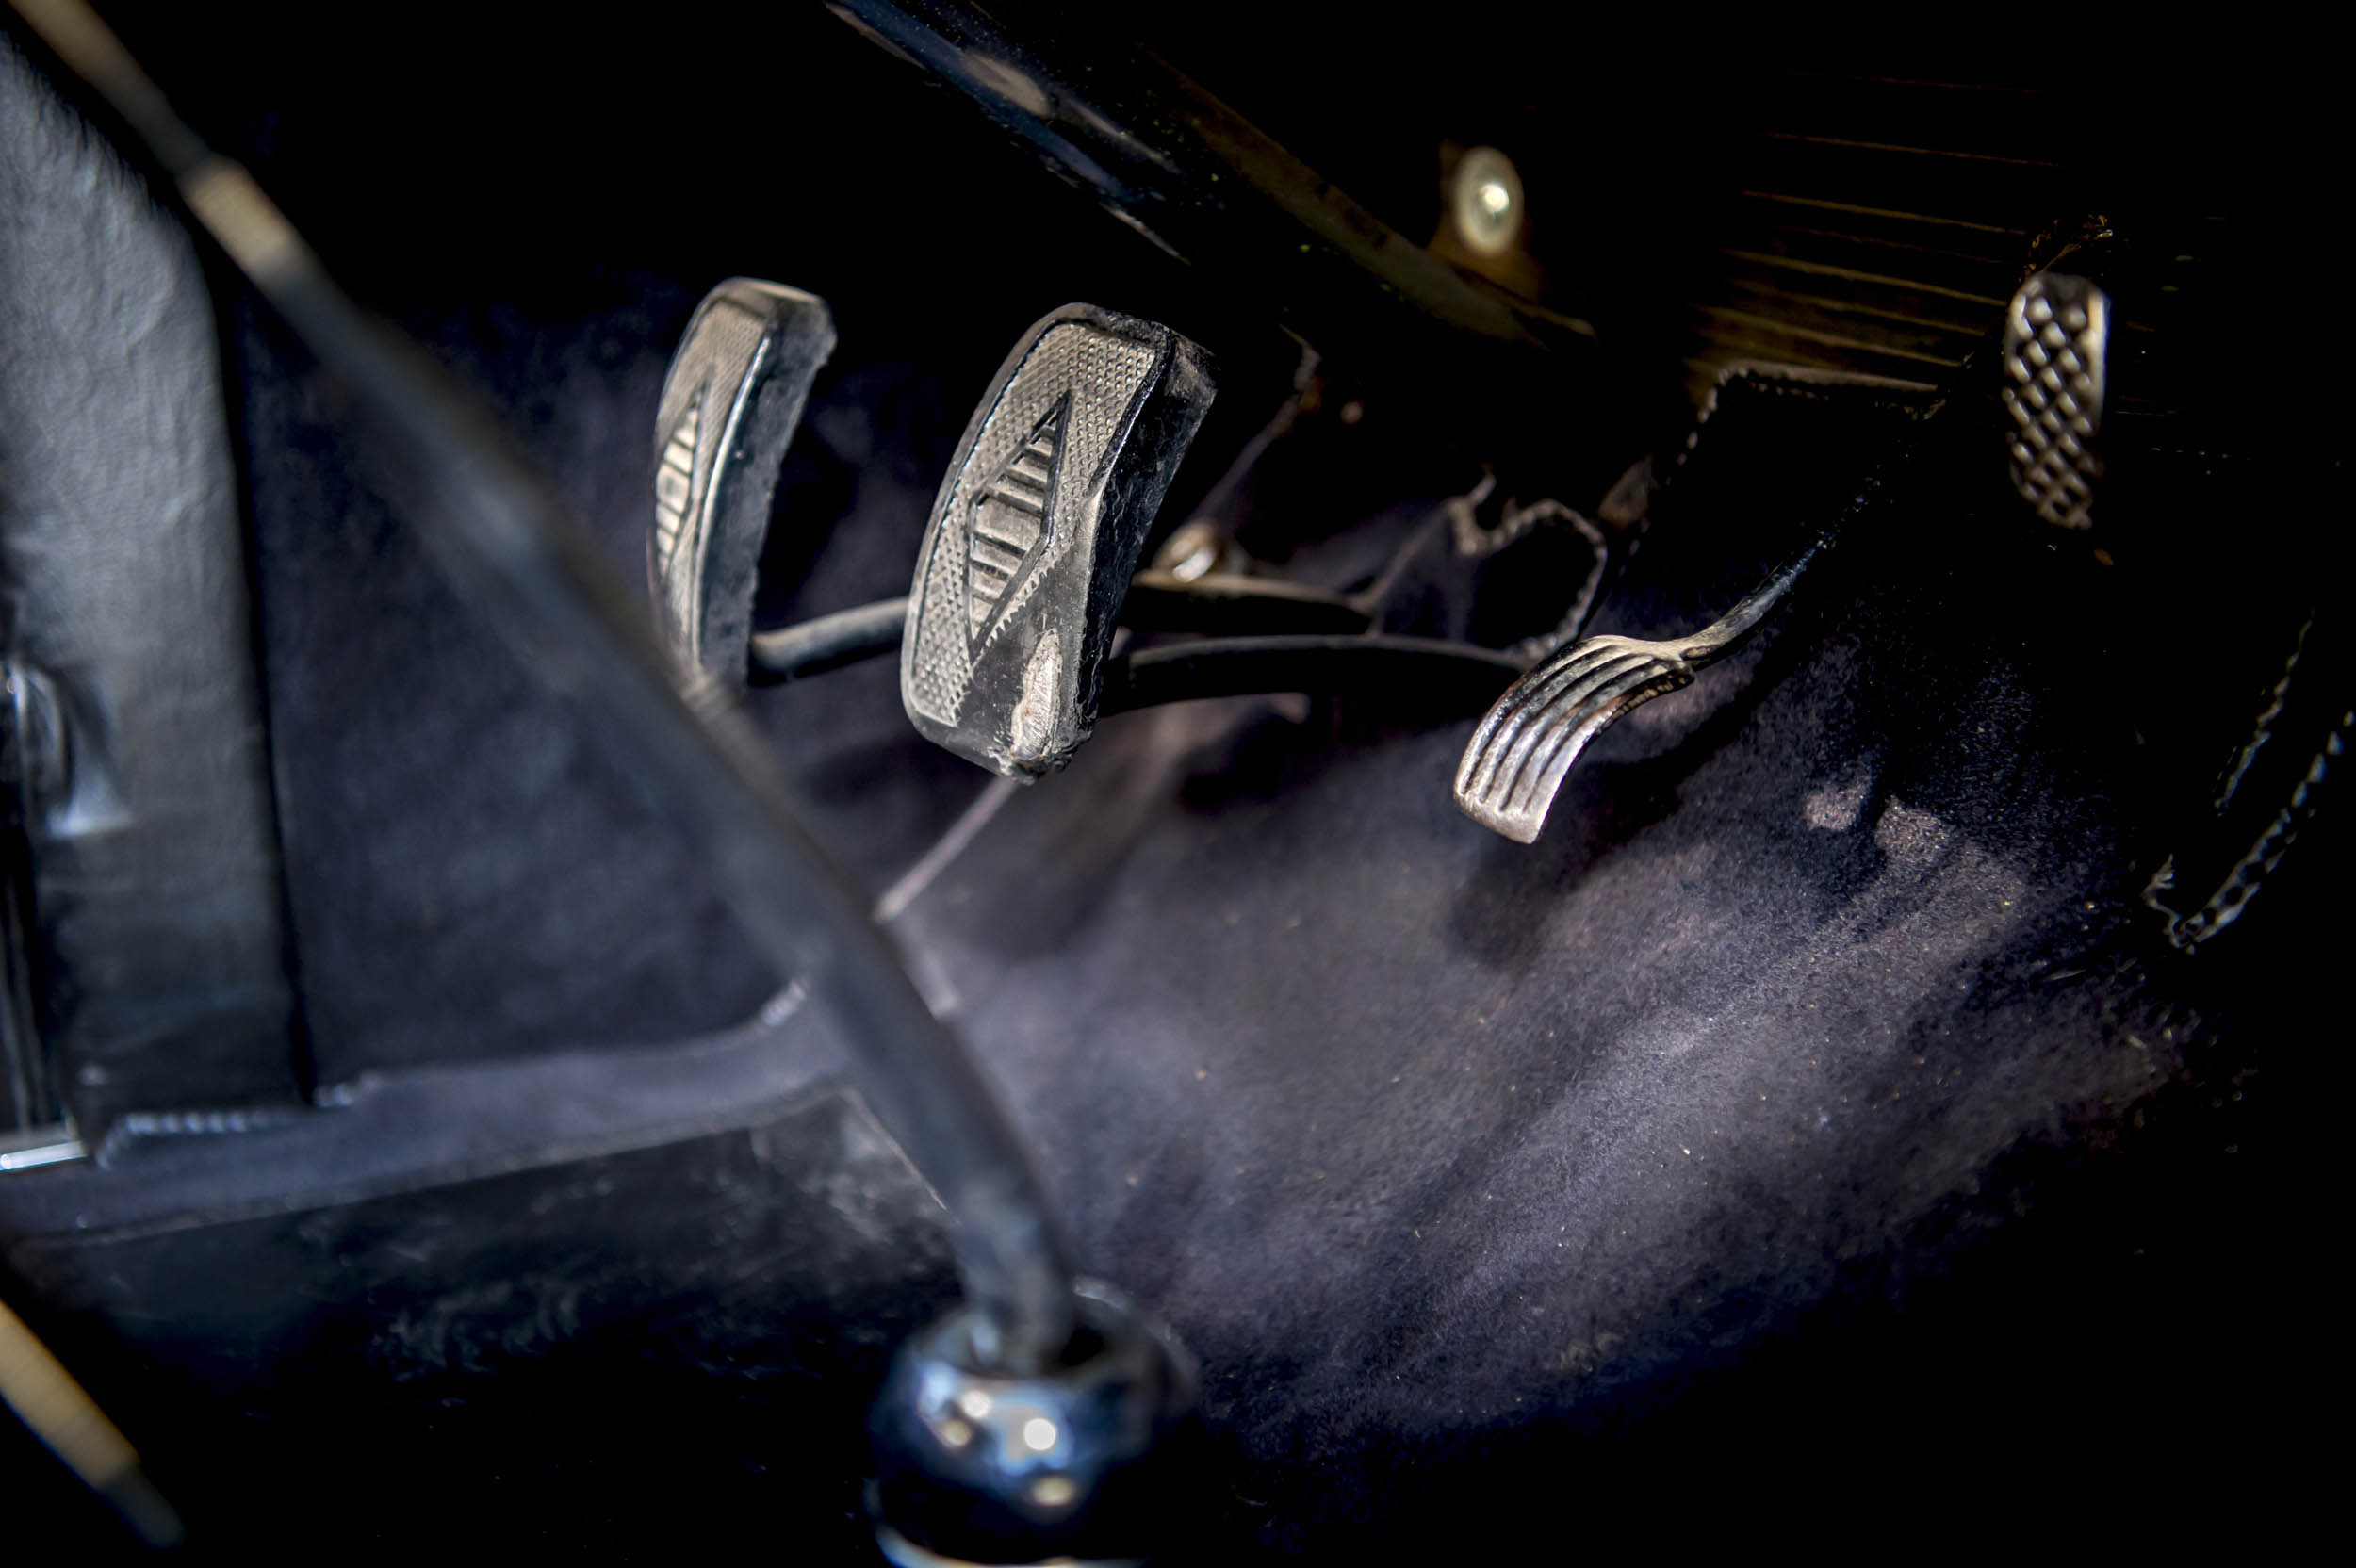 1929 renault nervastella coupe de ville pedals